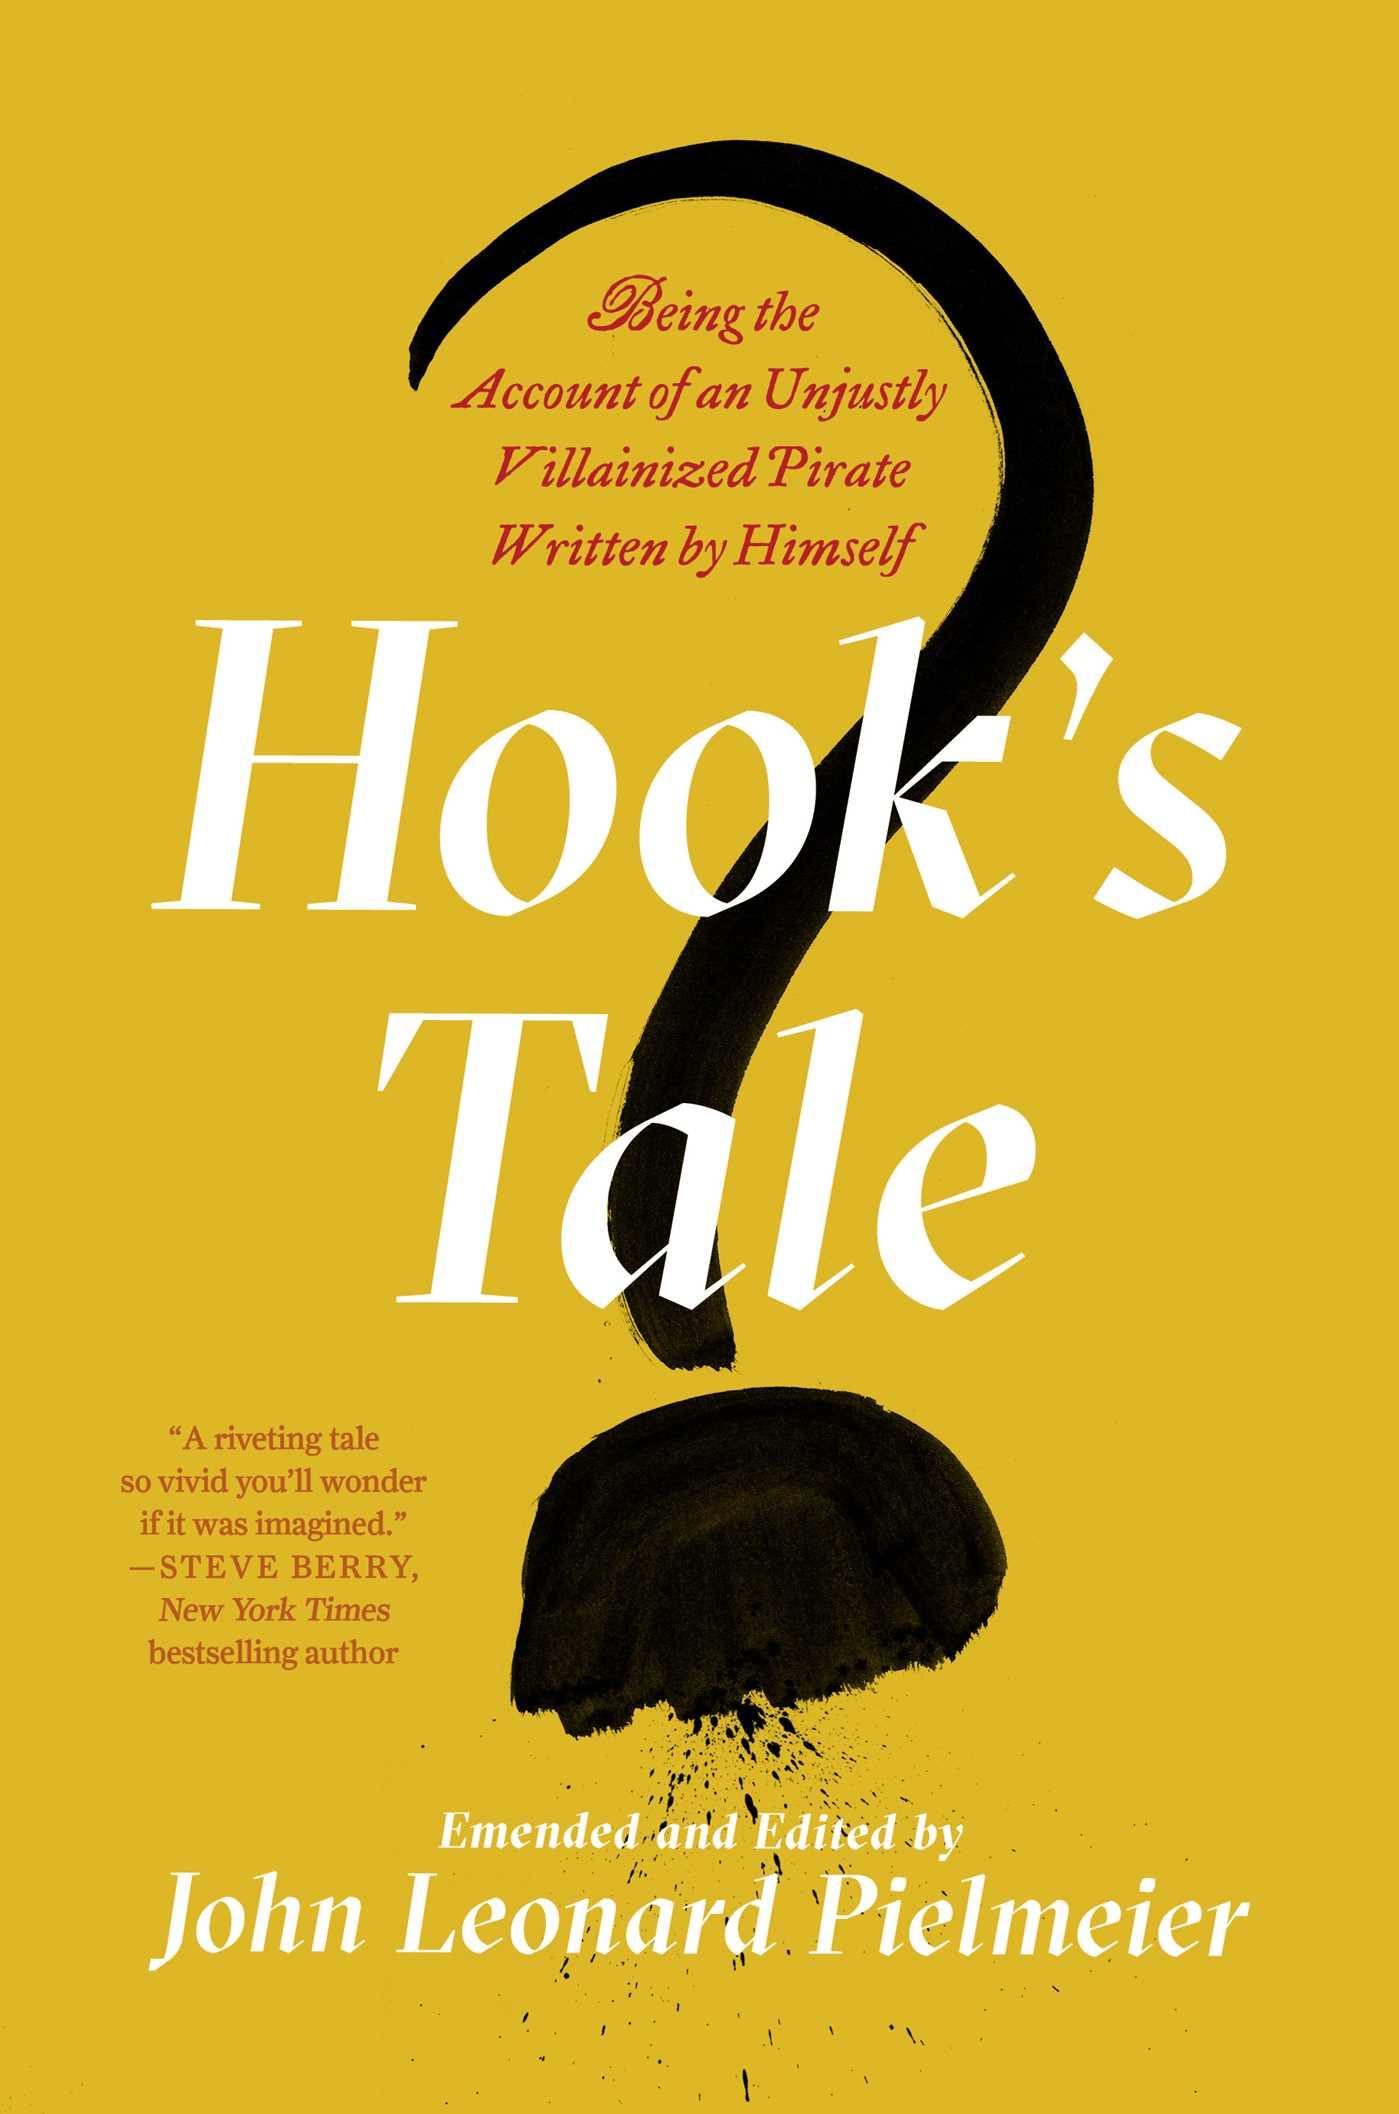 Hooks tale 9781501161056 hr